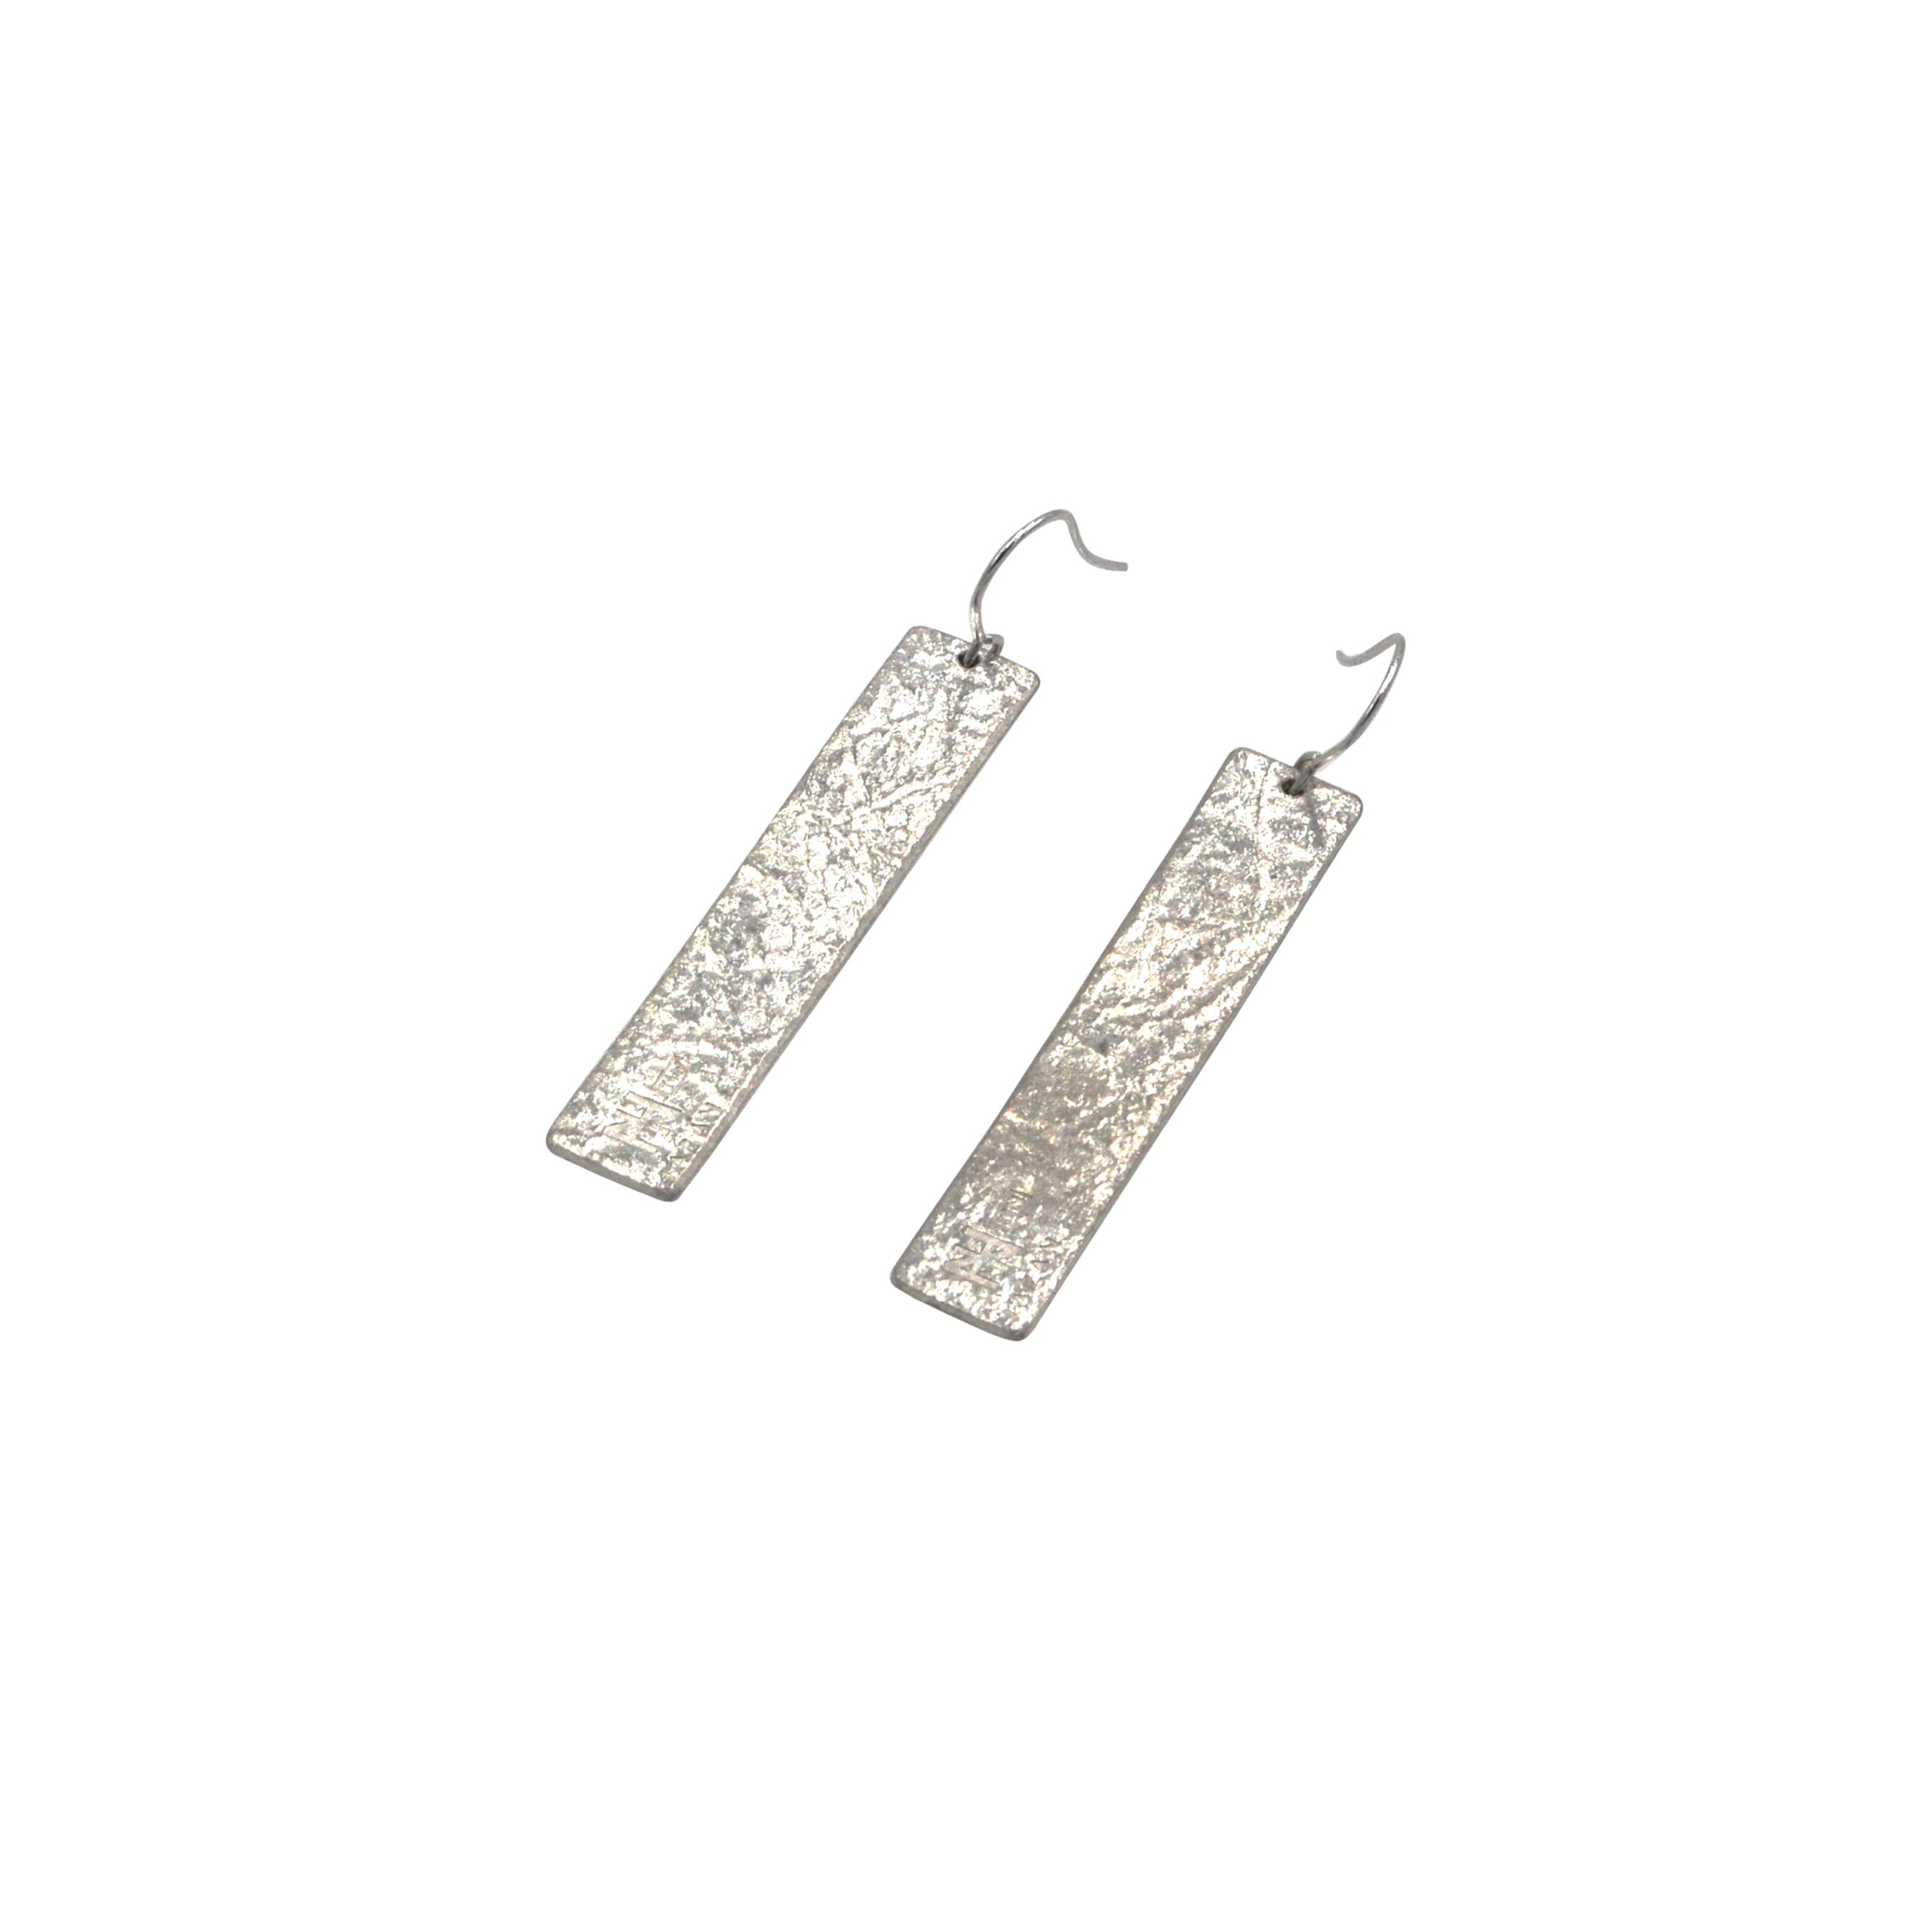 《ピアス》TIN BREATH Pierced earrings H 10×50mm Silver